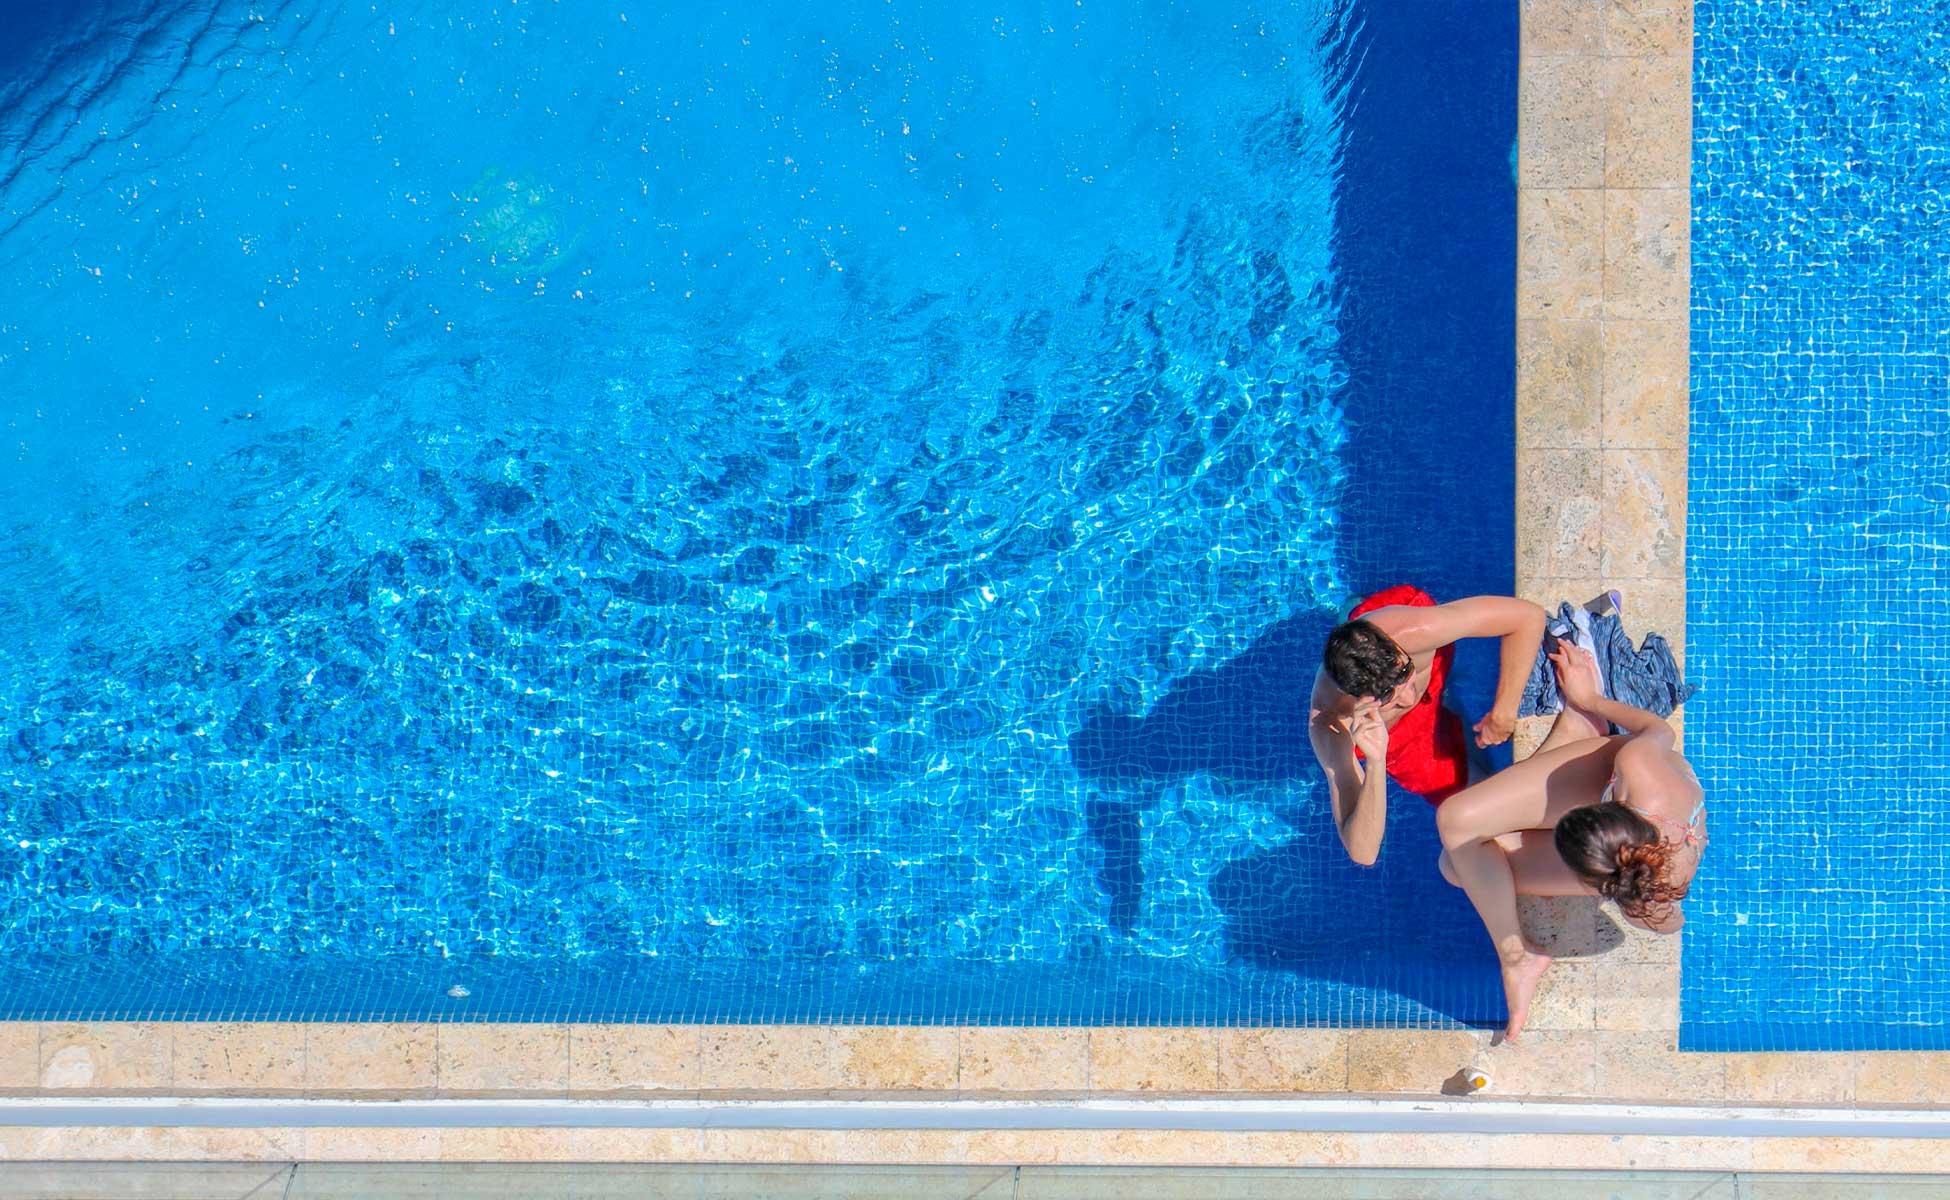 Construcción y rehabilitación de piscinas - AIPOOL